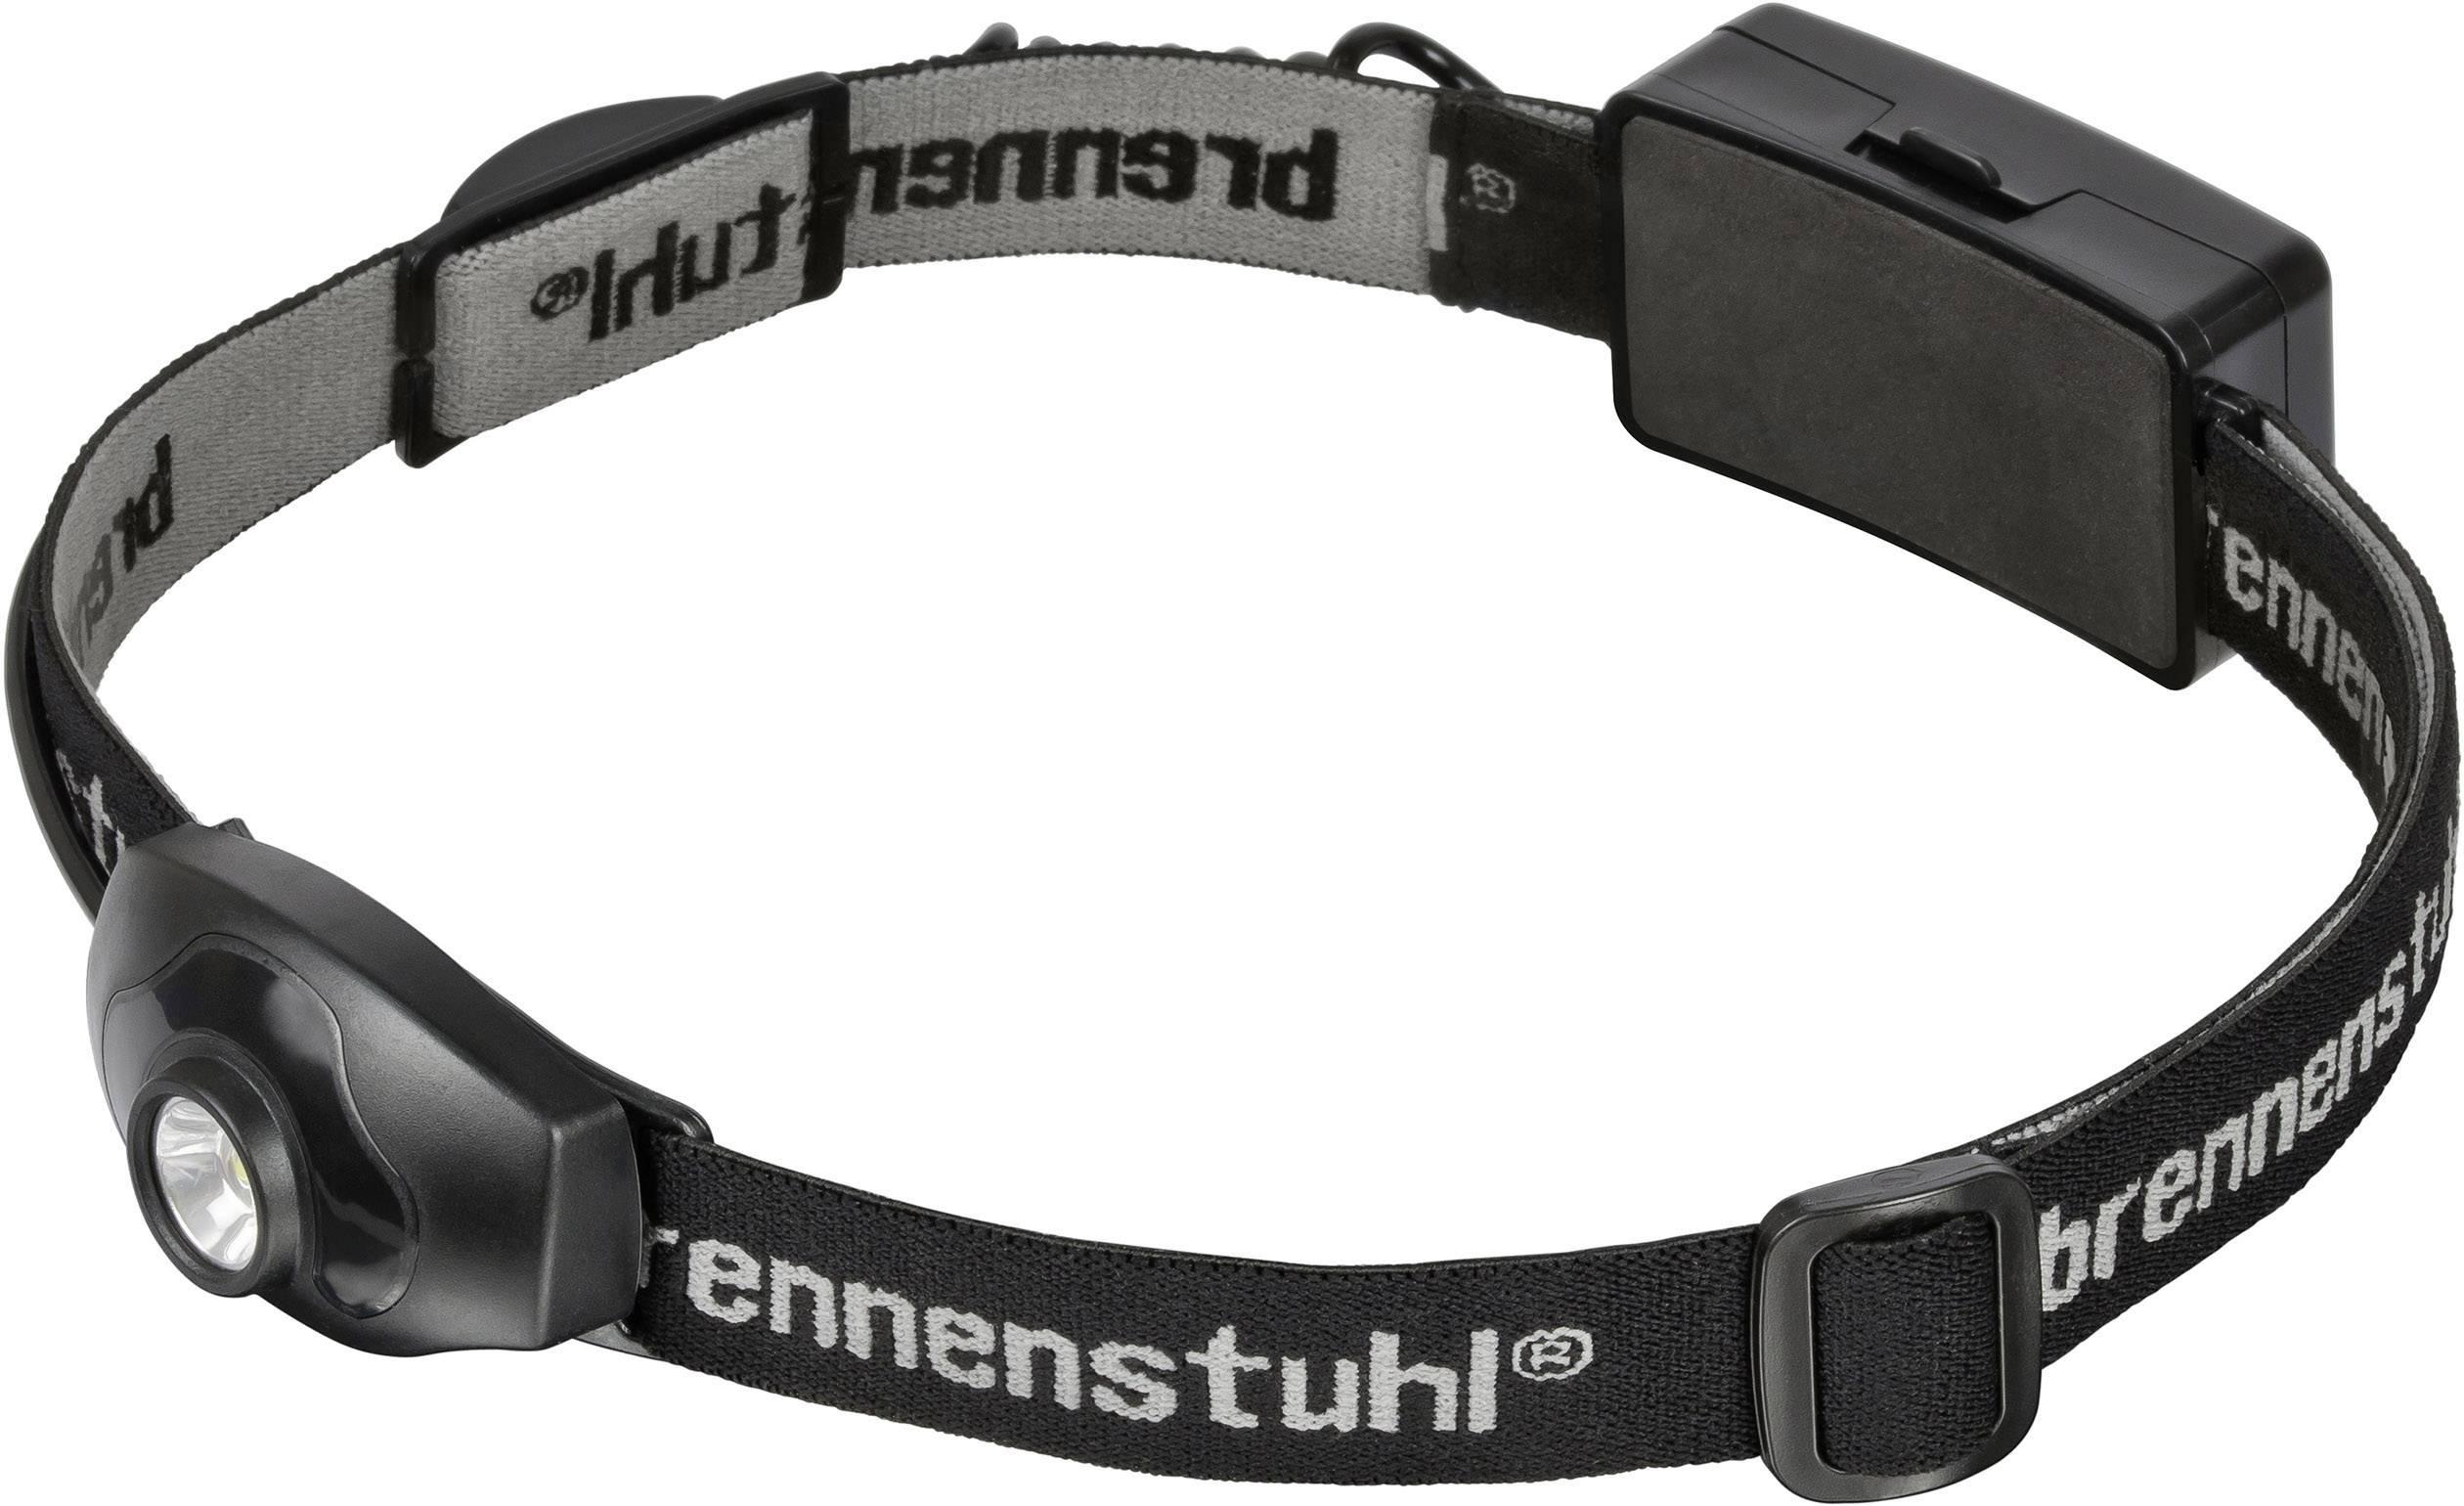 LED čelovka Brennenstuhl LuxPremium KL 100 1178760, na baterii, 143 g, černá, šedá